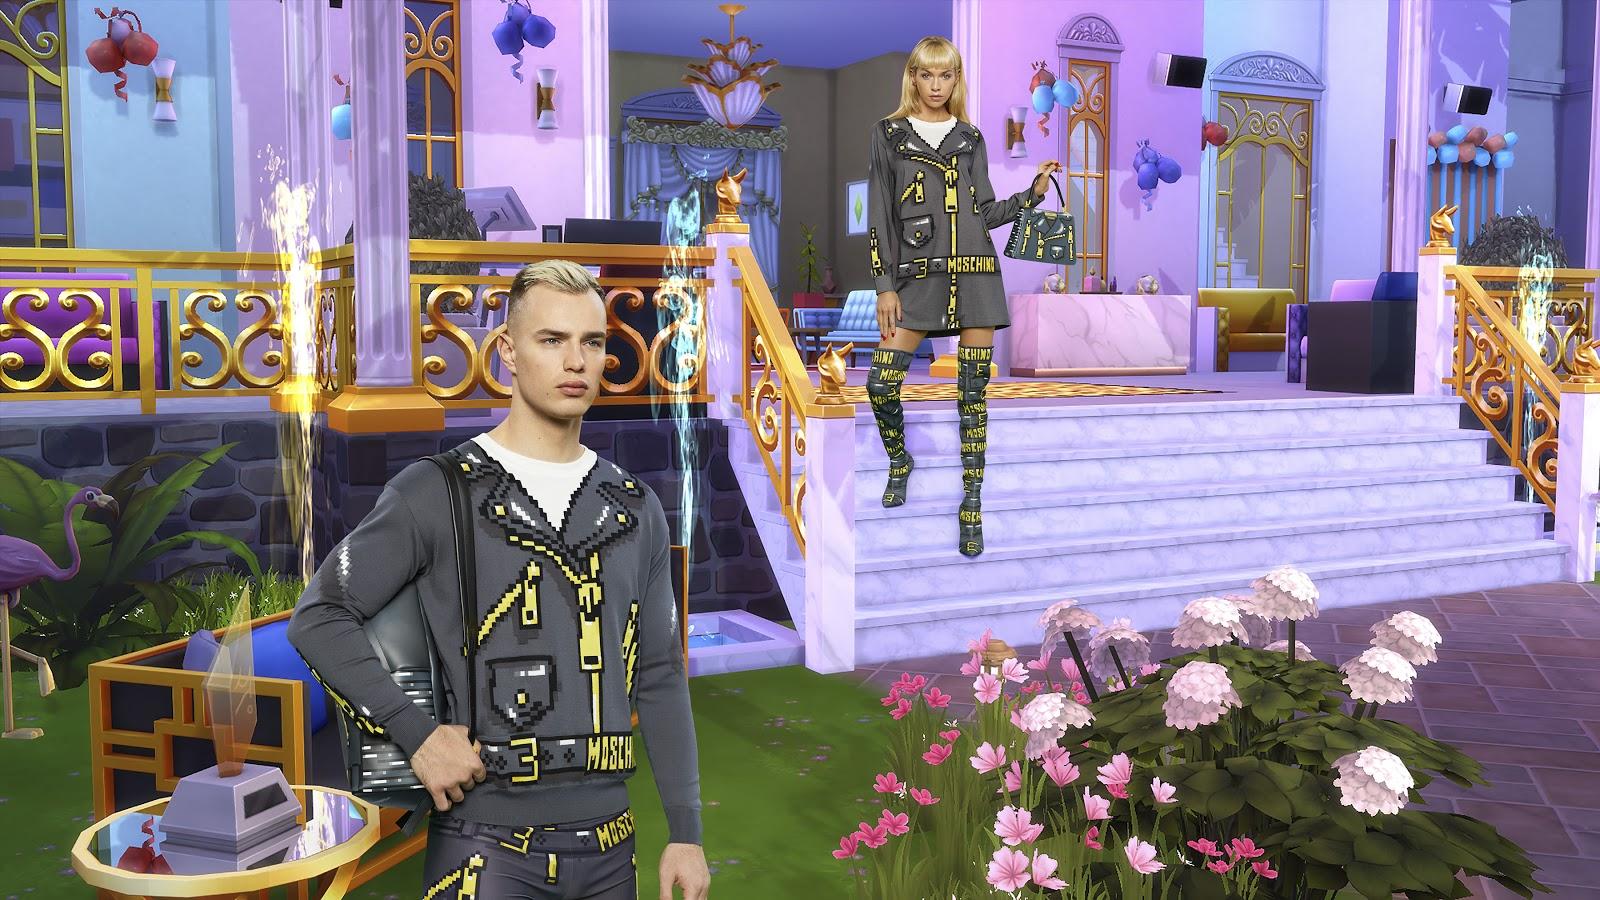 Итальянский бренд показал новую коллекцию одежды в стиле The Sims. Выглядит безумно странно!